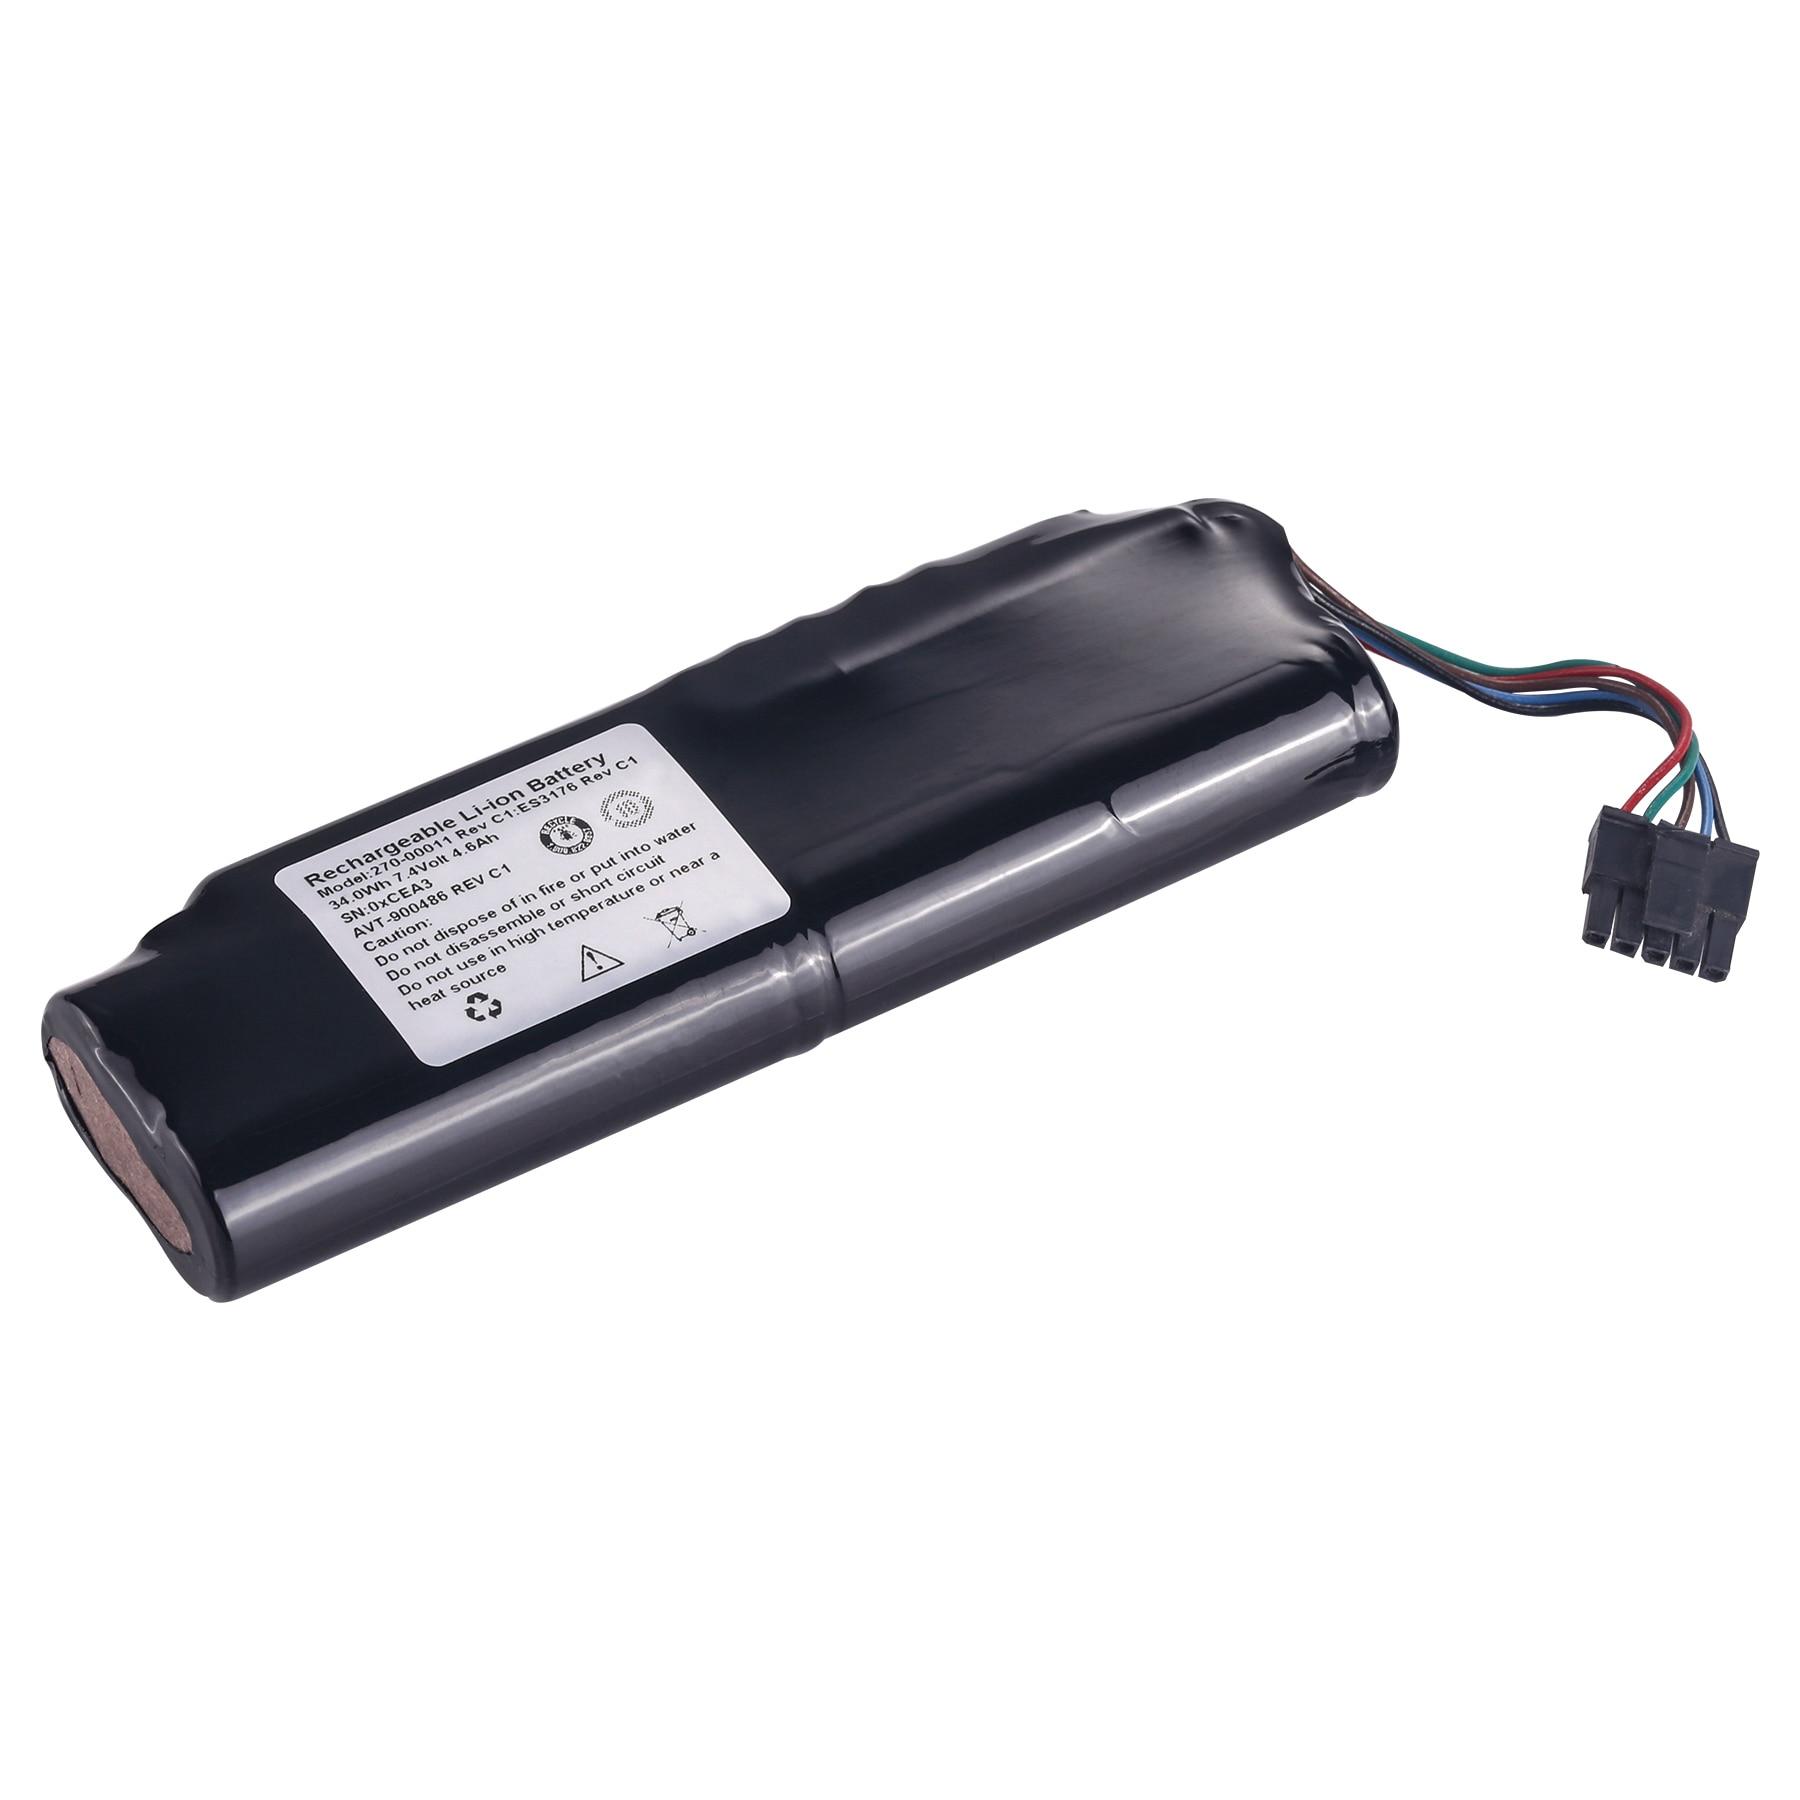 Novo Importado Células de Bateria Bateria Para IBM Netapp N3600 0X9B0D 0XC9F3 AVT-900486 N3600 FAS2050 C1 ES3176 271-00011 Rev bateria